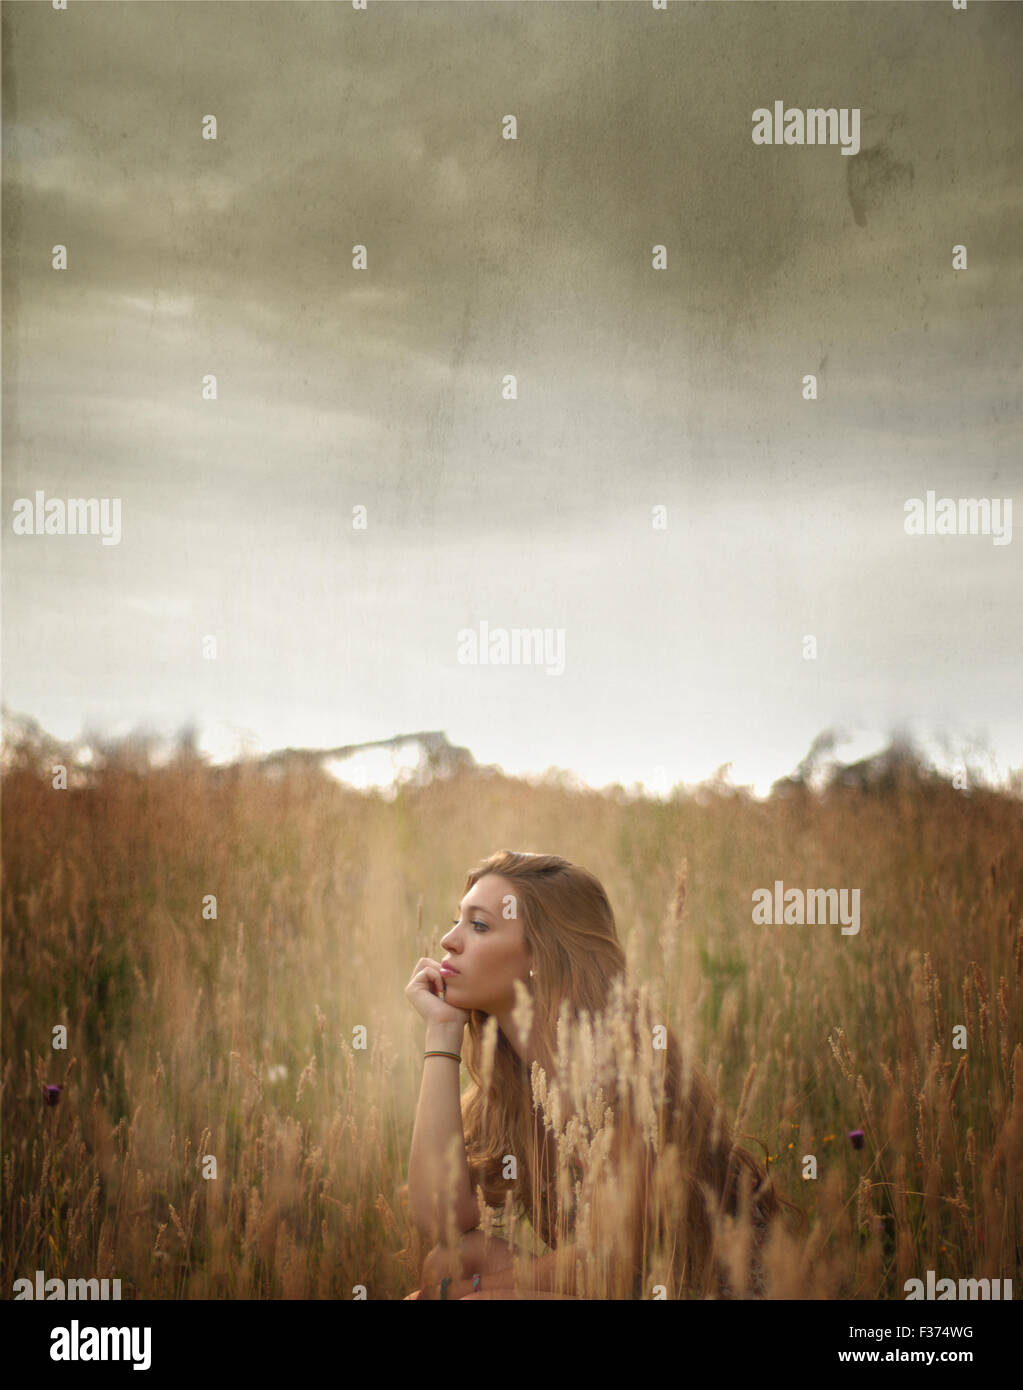 Chica sentada entre campos con un cielo tormentoso Foto de stock